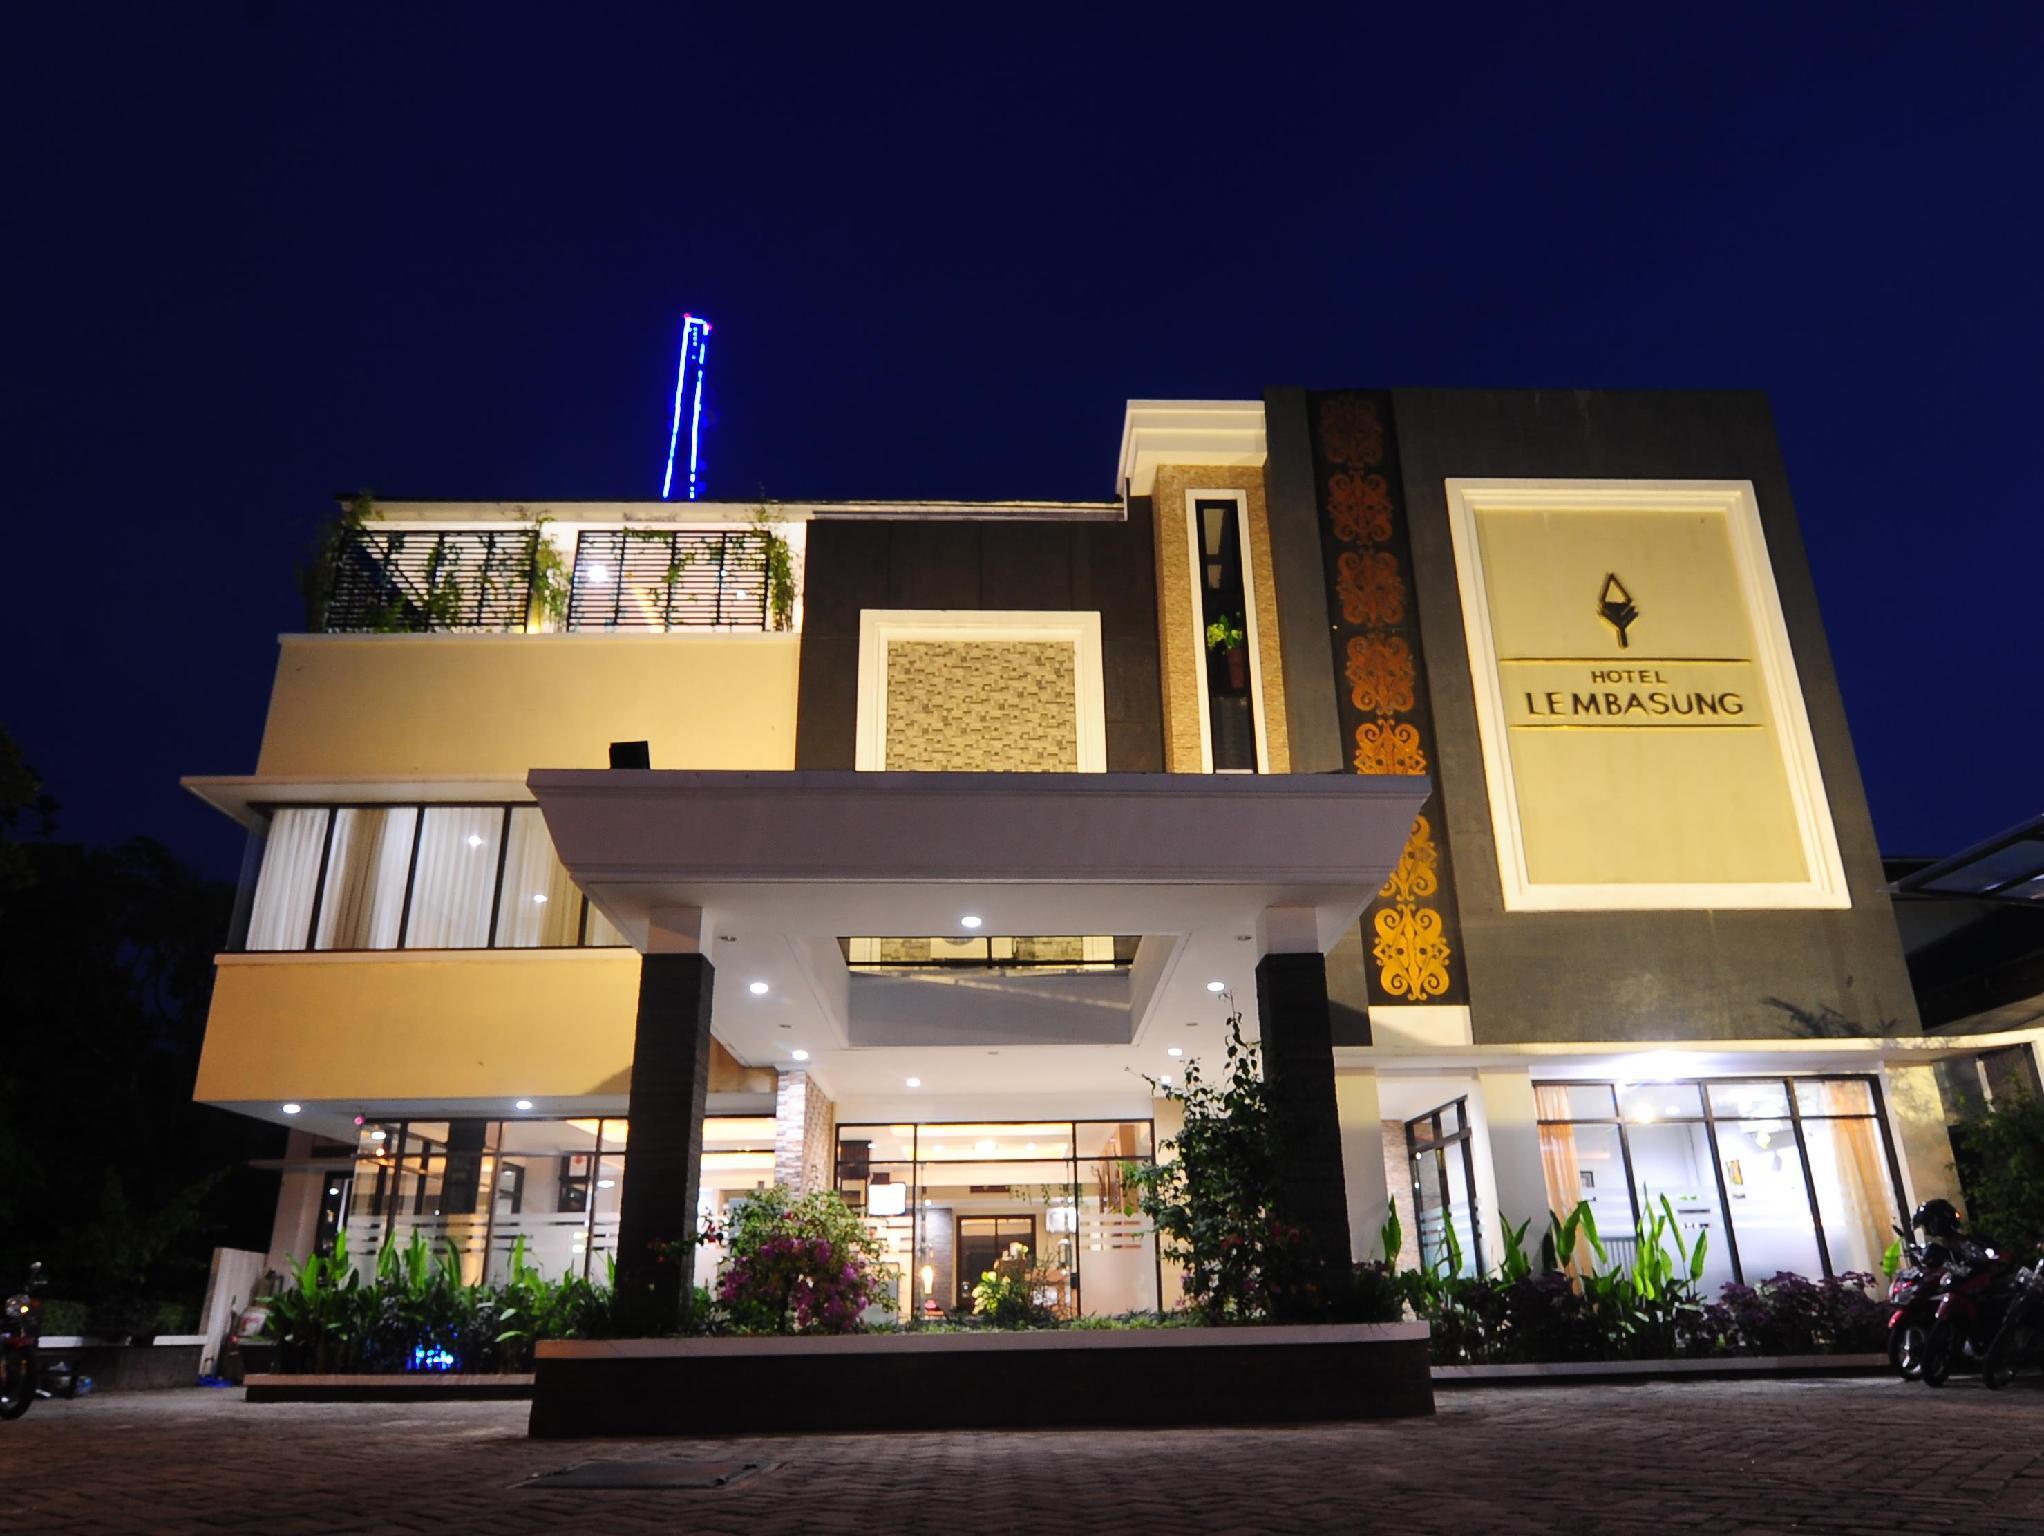 Lembasung Boutiqe Hotel, Tarakan